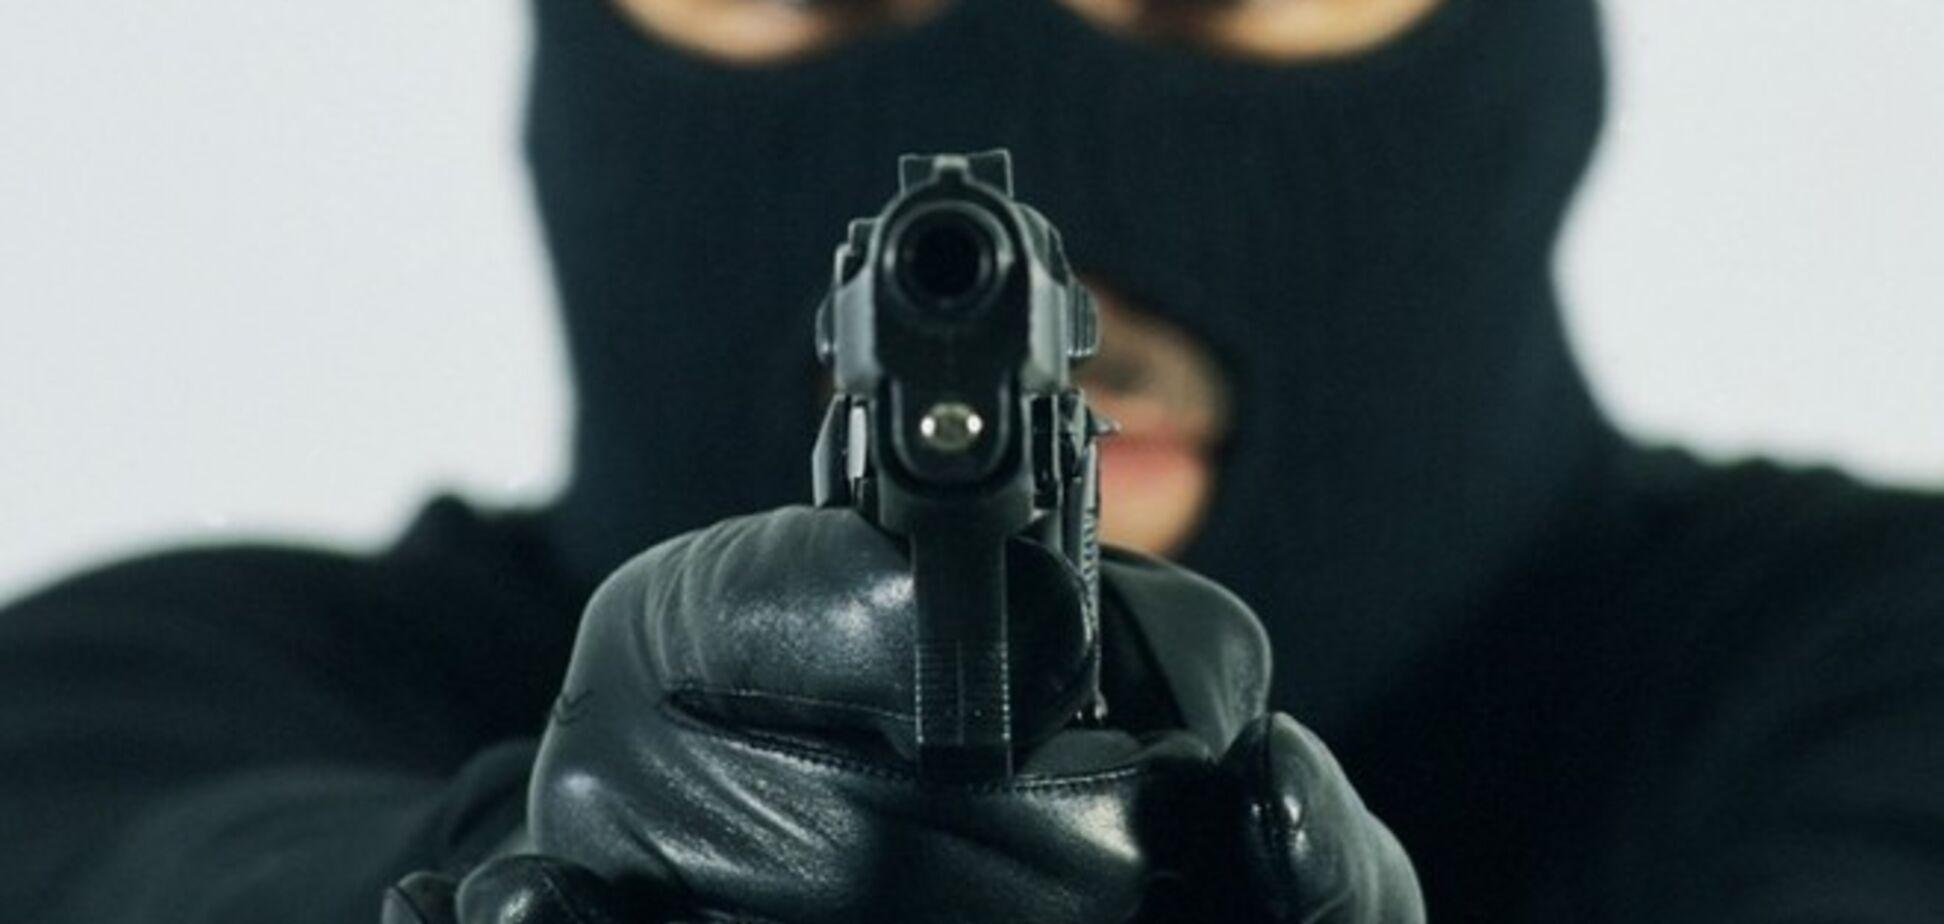 На Луганщине люди с автоматами ограбили ювелирный магазин